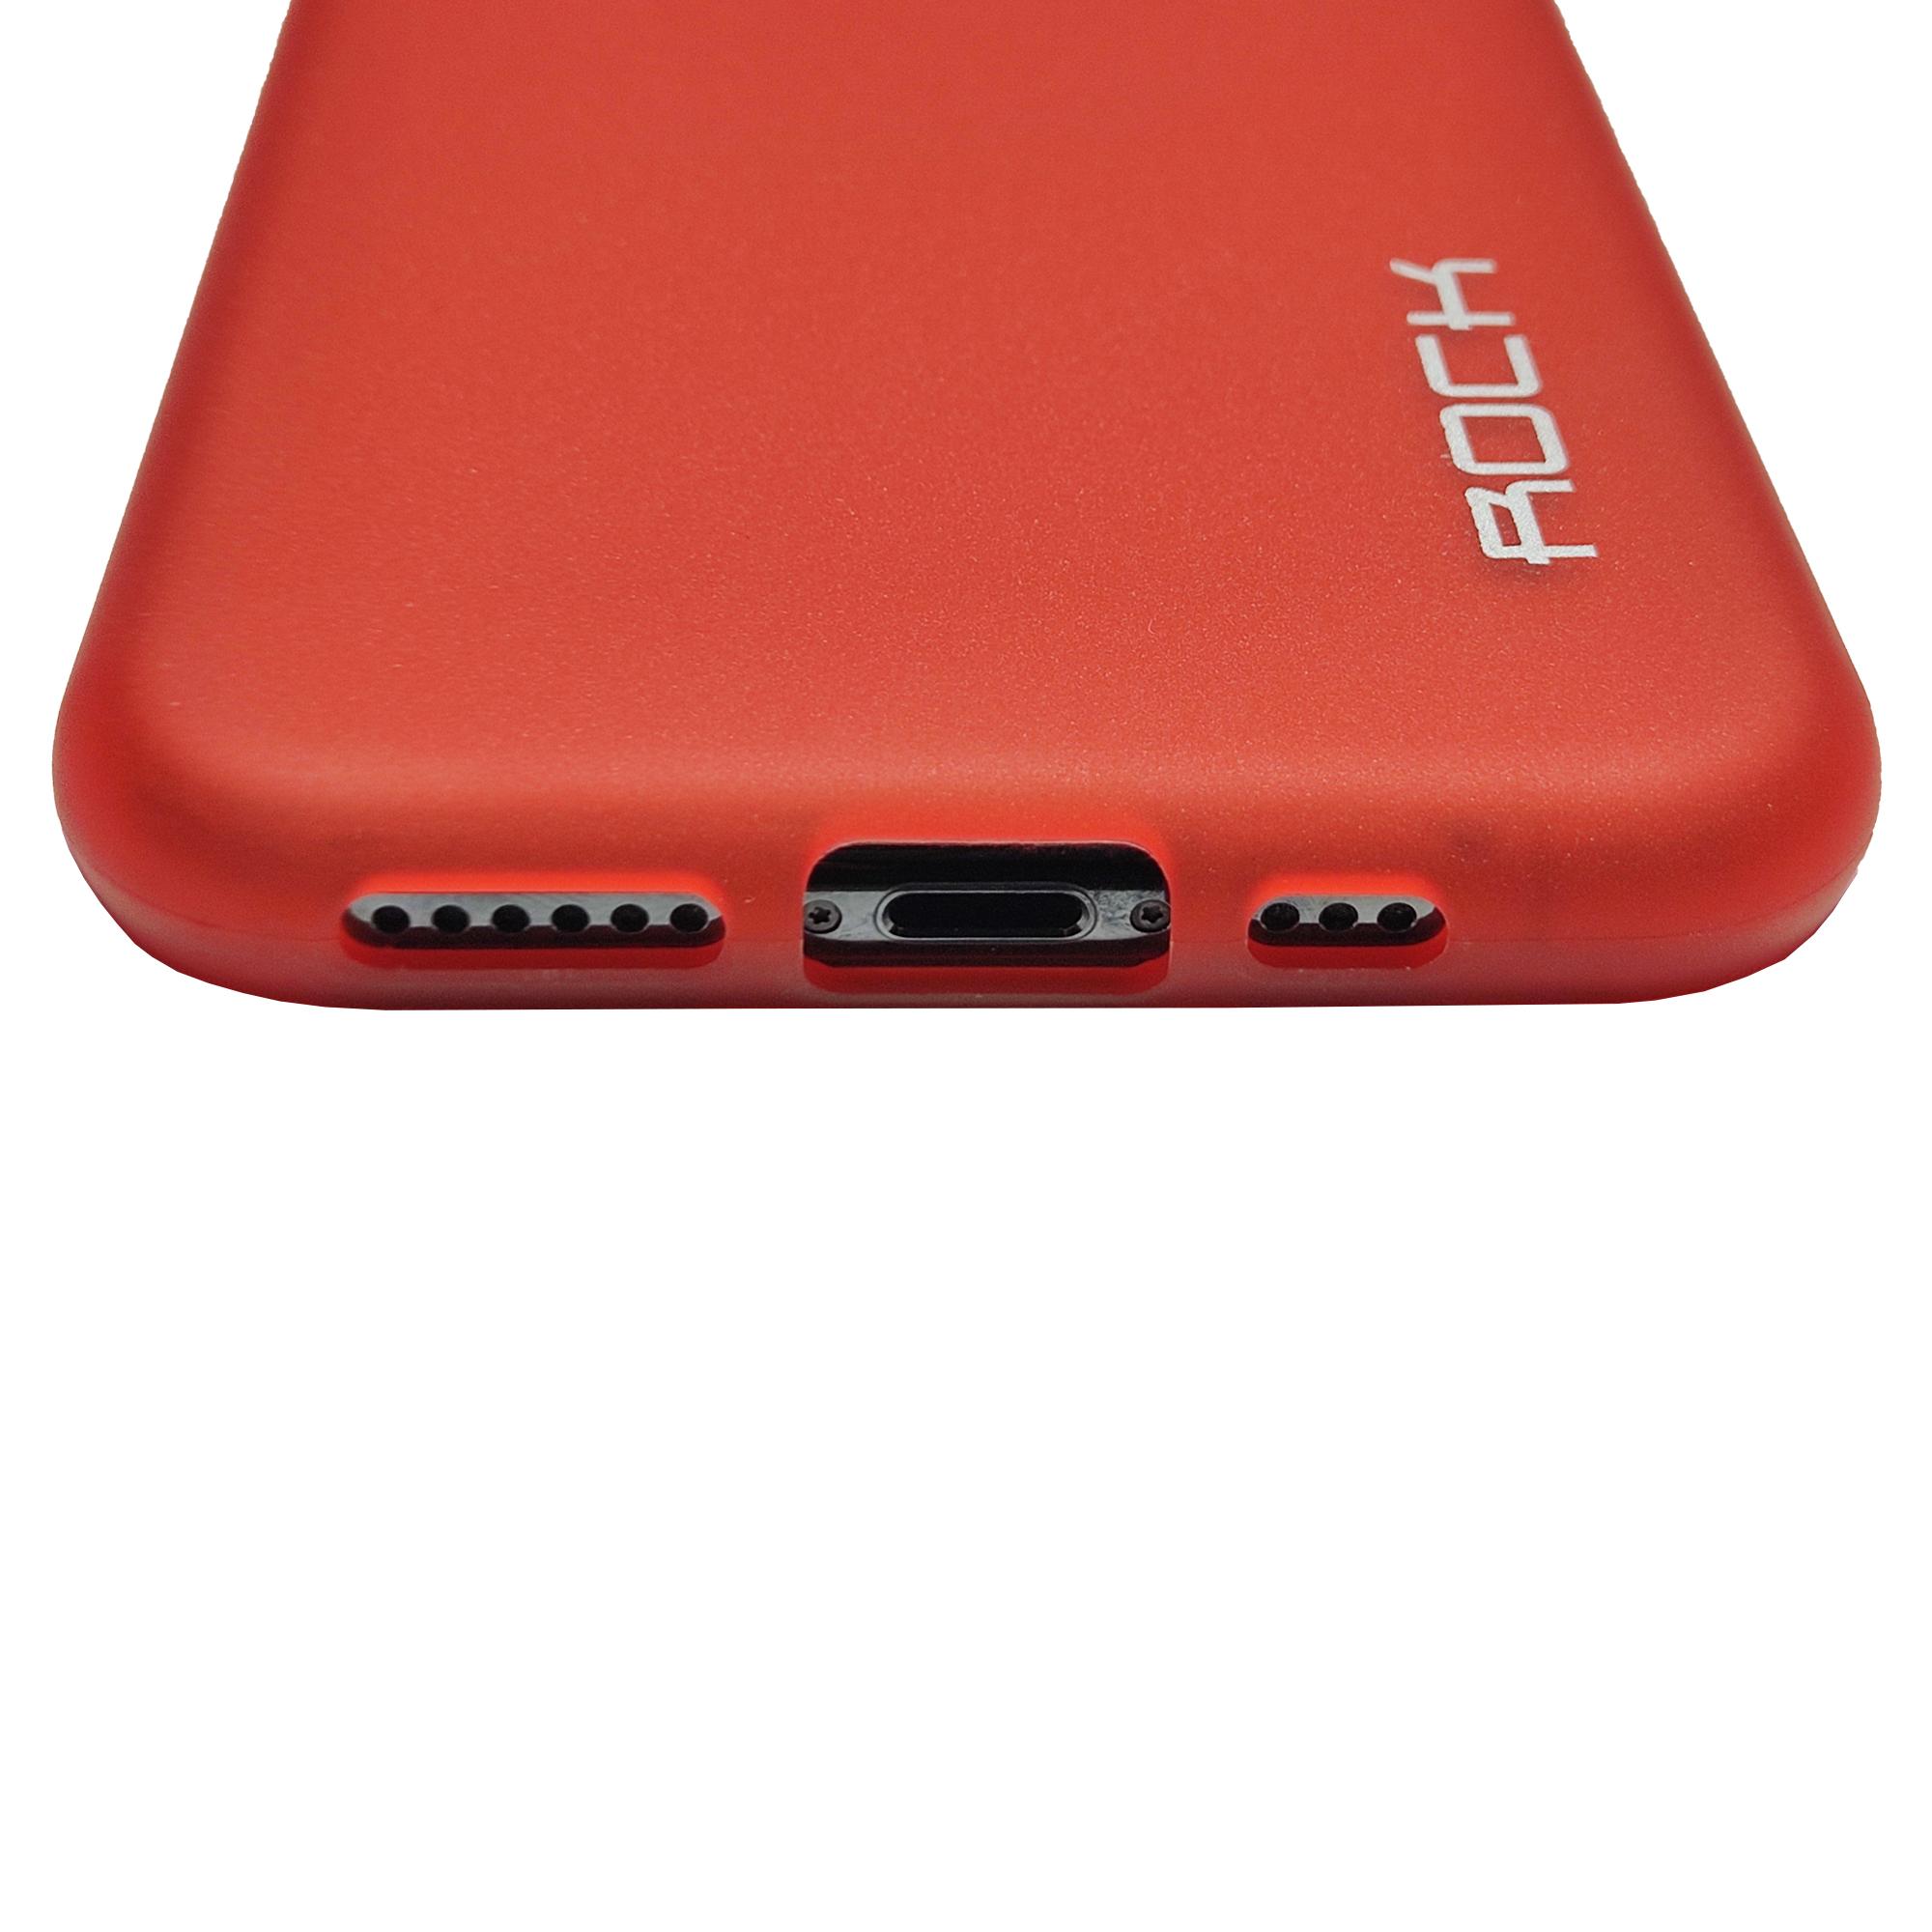 کاور راک مدل SPRT01 مناسب برای گوشی موبایل اپل iPhone 11 Pro thumb 2 13